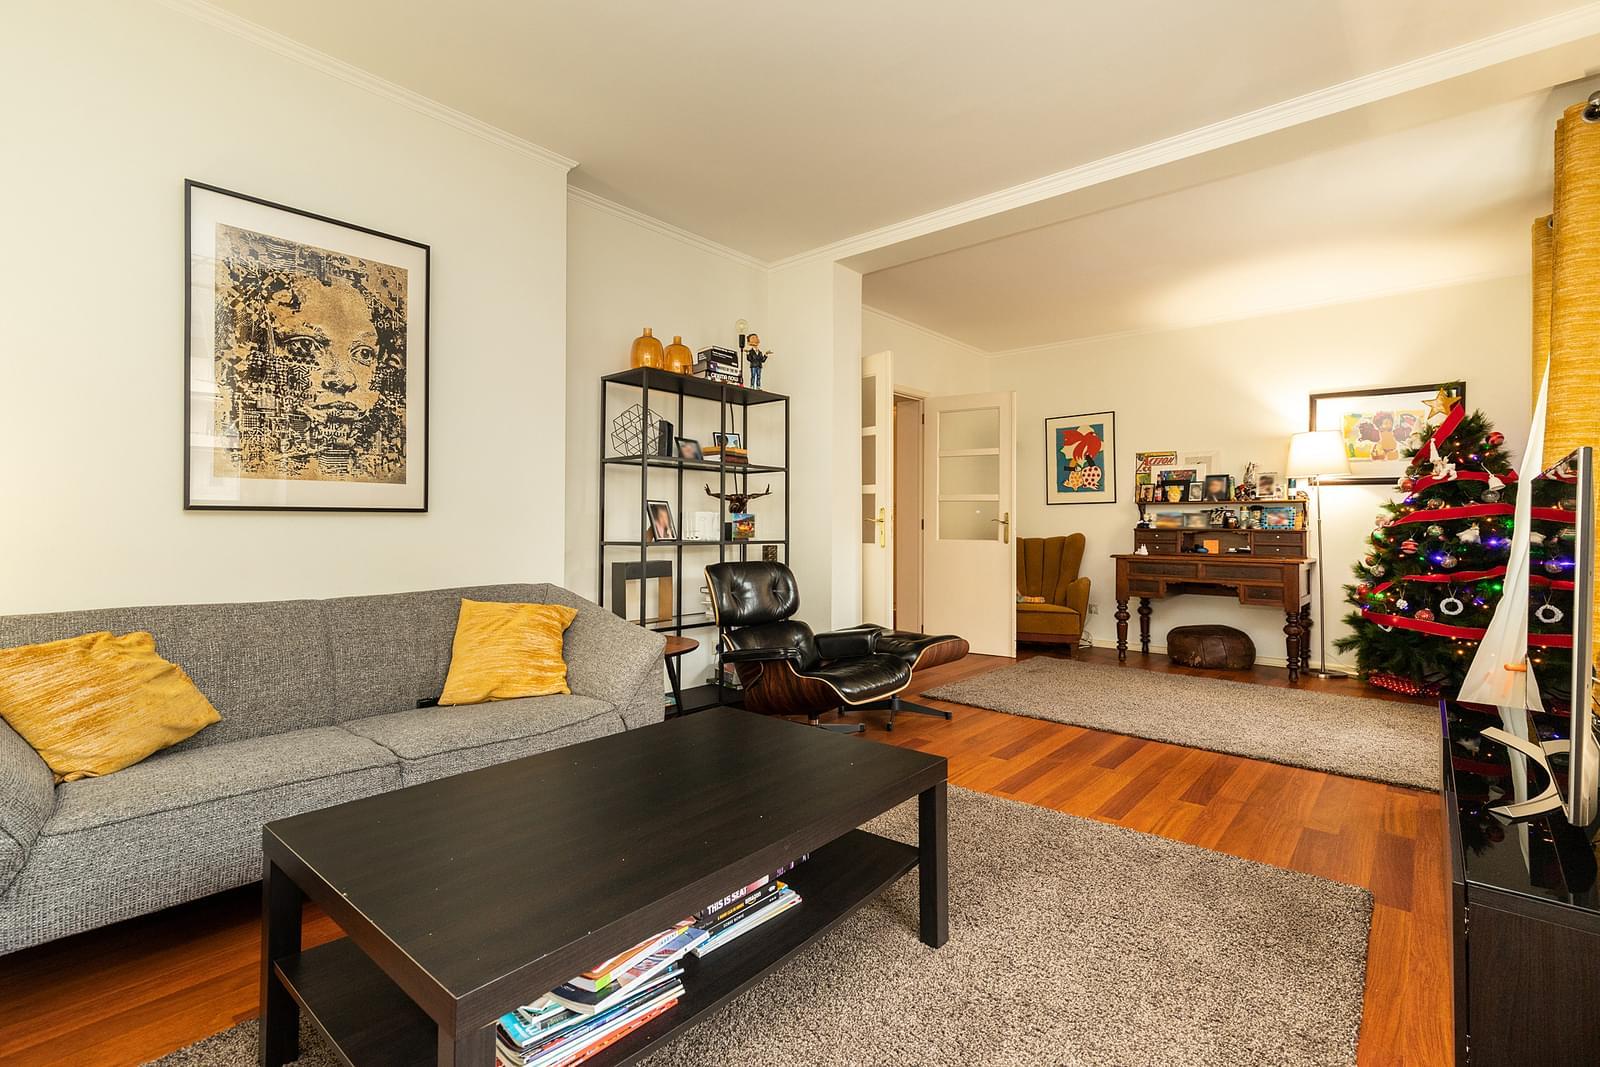 pf18779-apartamento-t4-1-lisboa-40e676b1-1706-4b40-98ed-e0227a228892